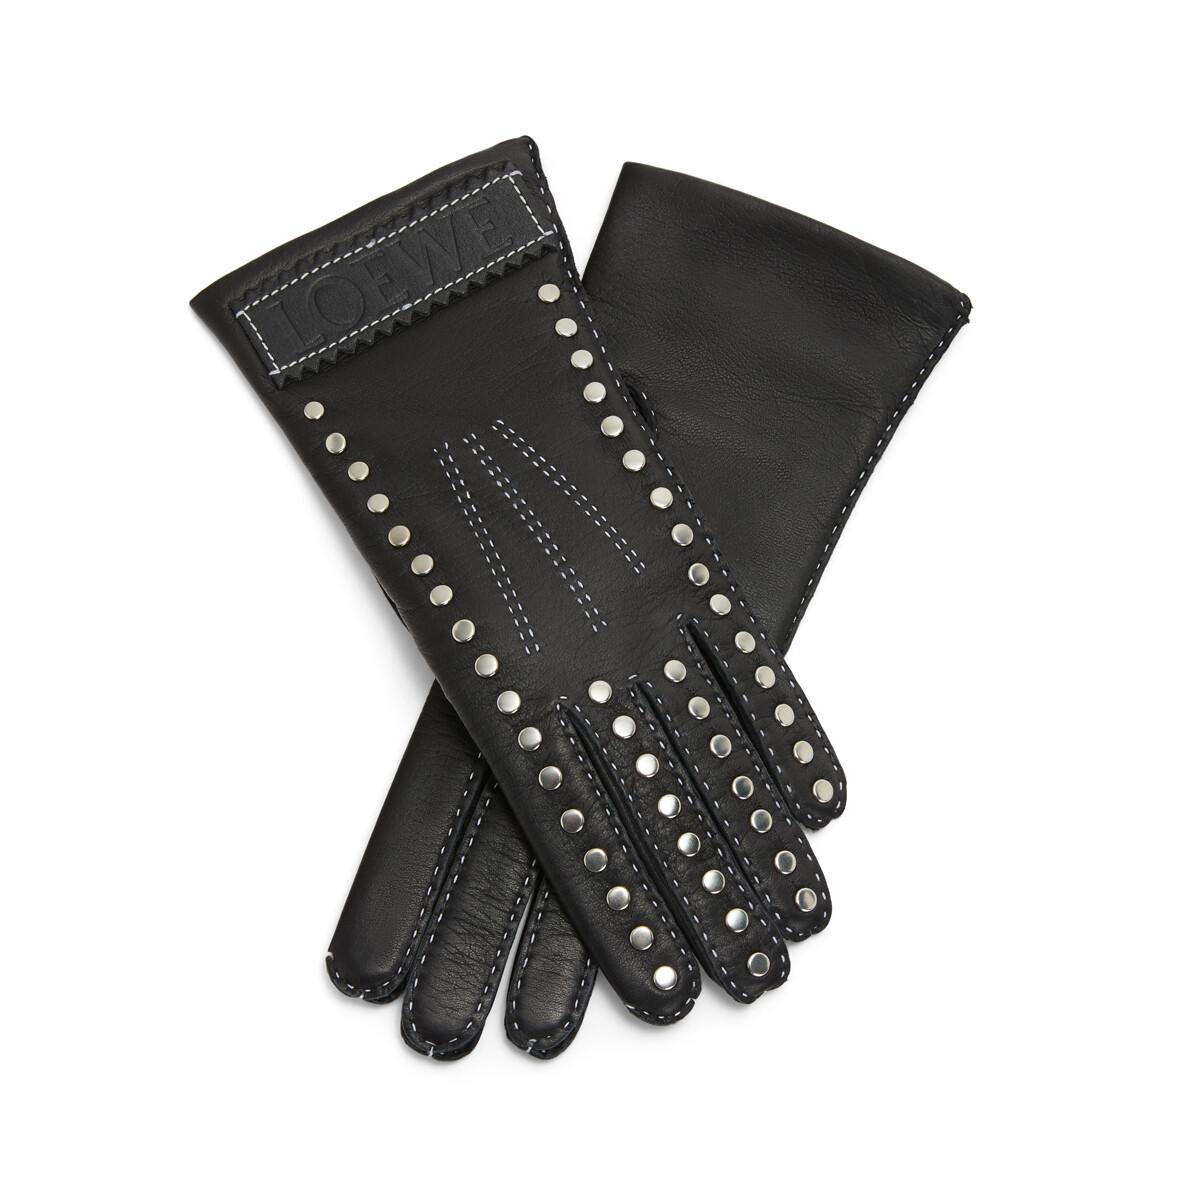 LOEWE Studded Gloves Black front